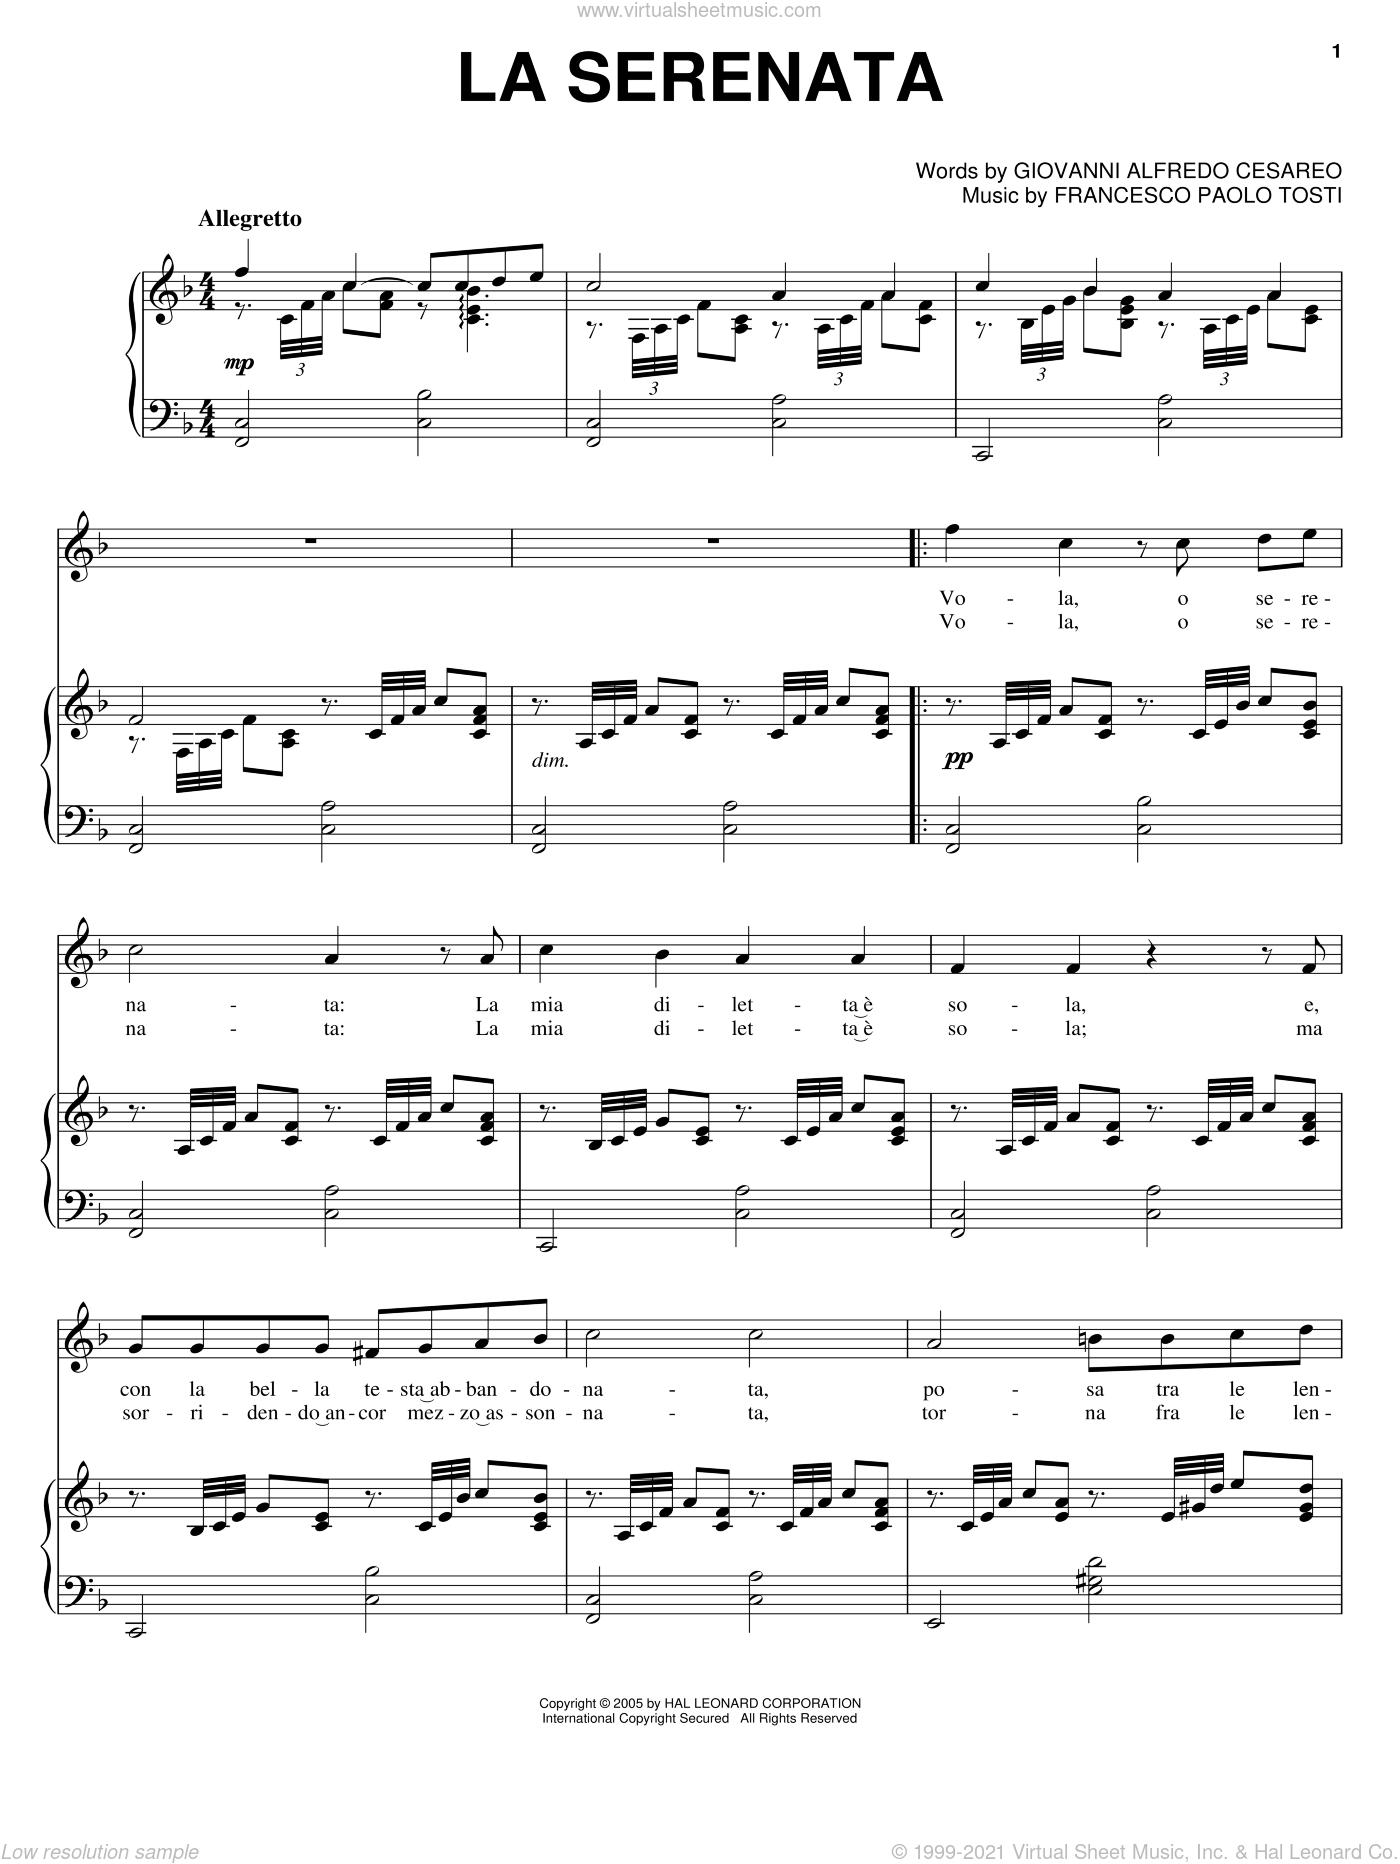 La Serenata sheet music for voice, piano or guitar by Andrea Bocelli, Francesco Paolo Tosti and Giovanni Alfredo Cesareo, classical score, intermediate skill level